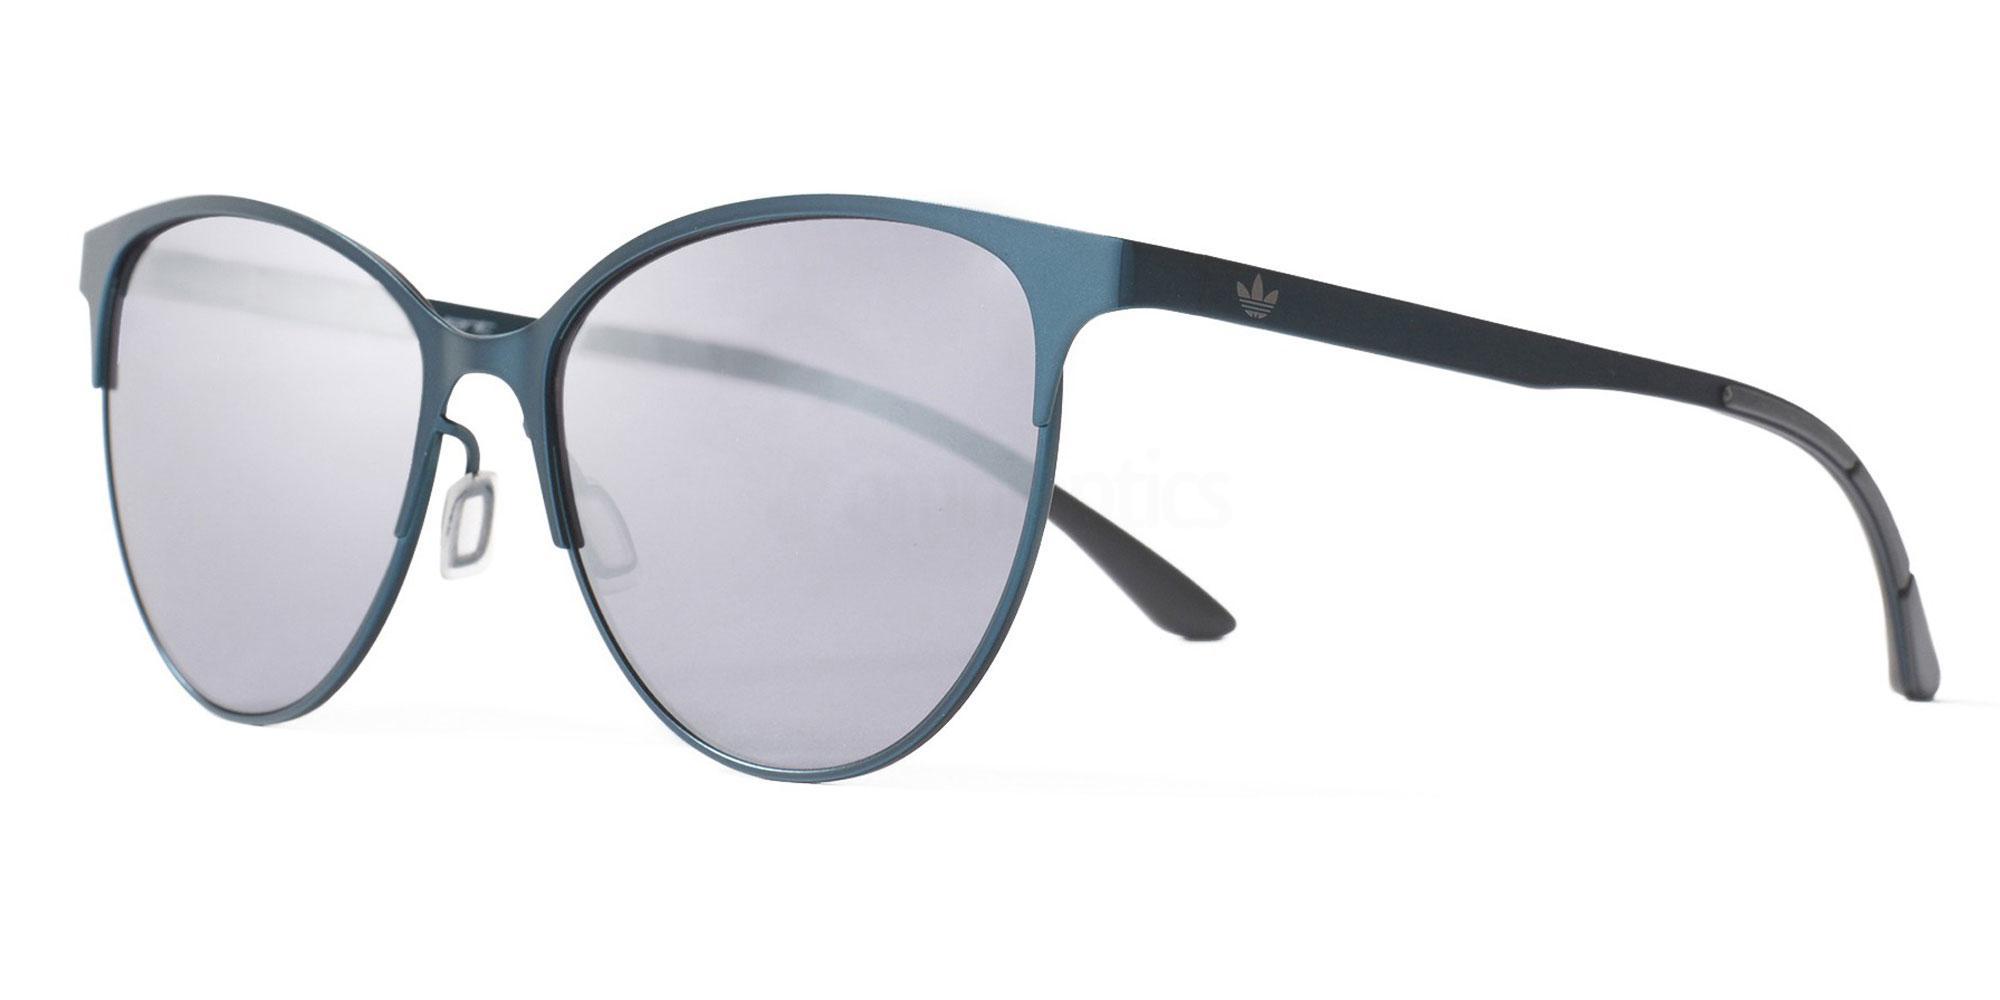 026.000 AOM002 Sunglasses, Adidas Originals